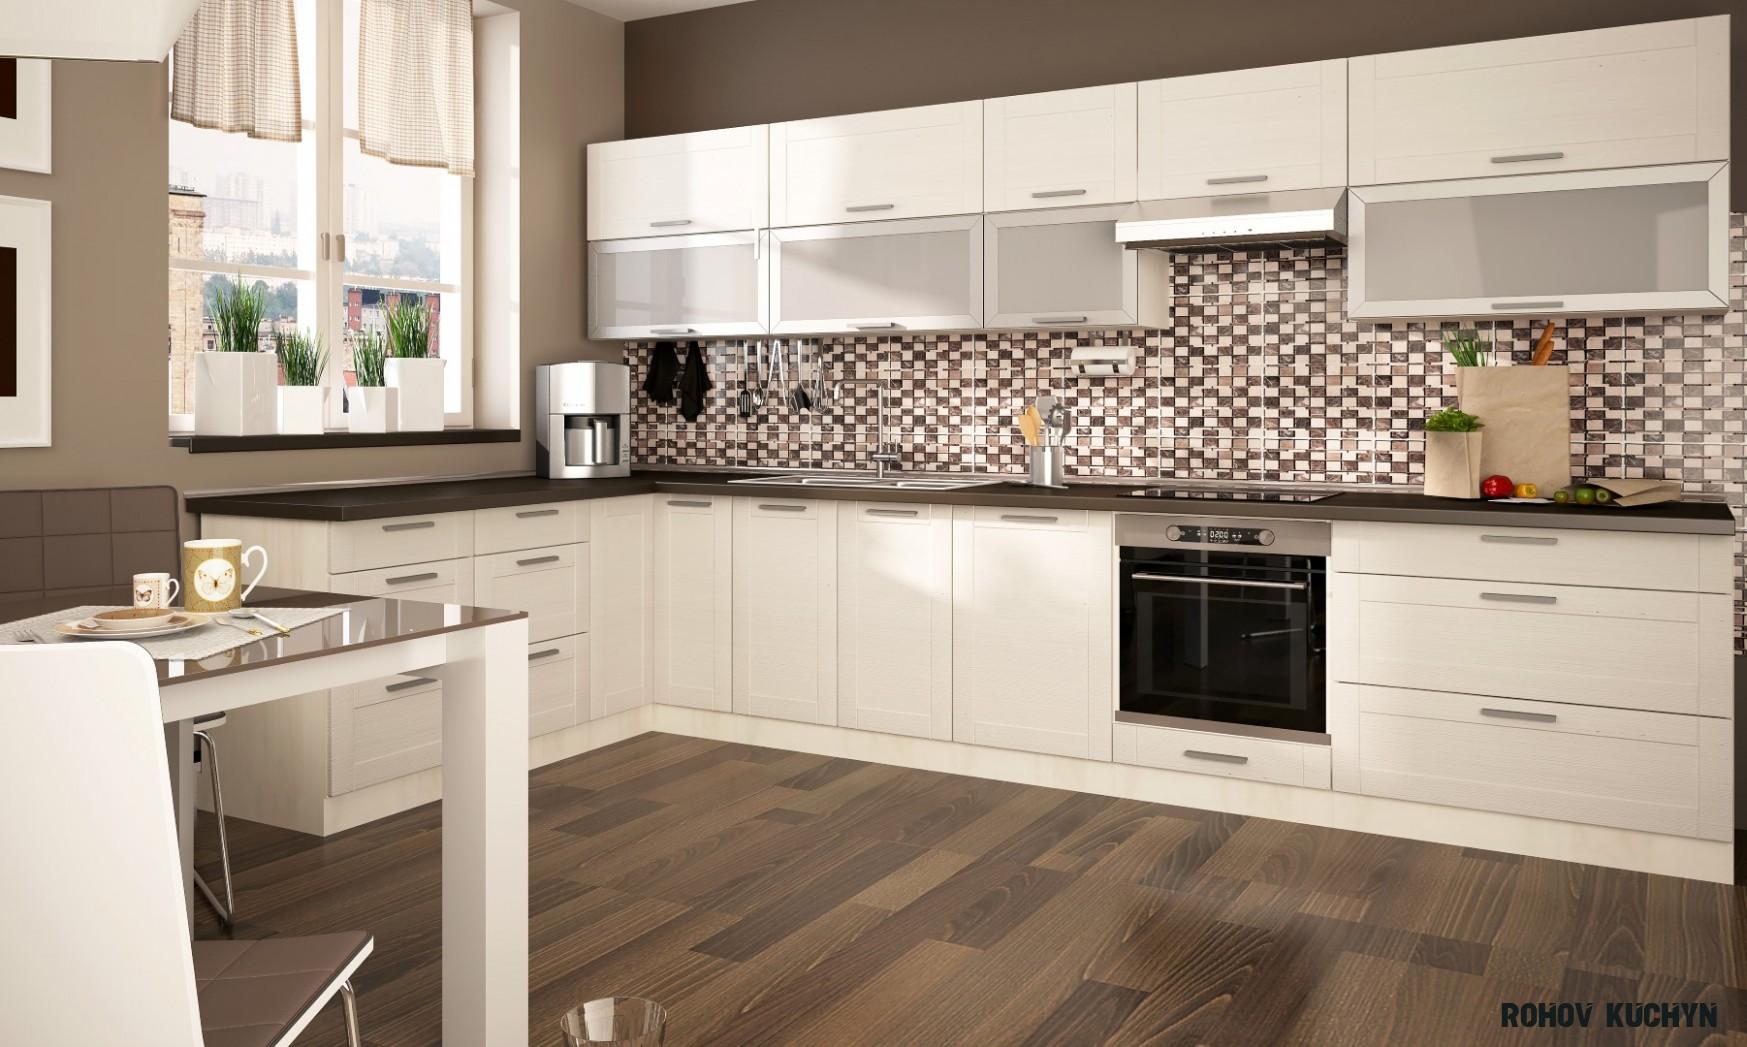 Rohová kuchyně Titanium 14×14 cm  Nábytek Sprint